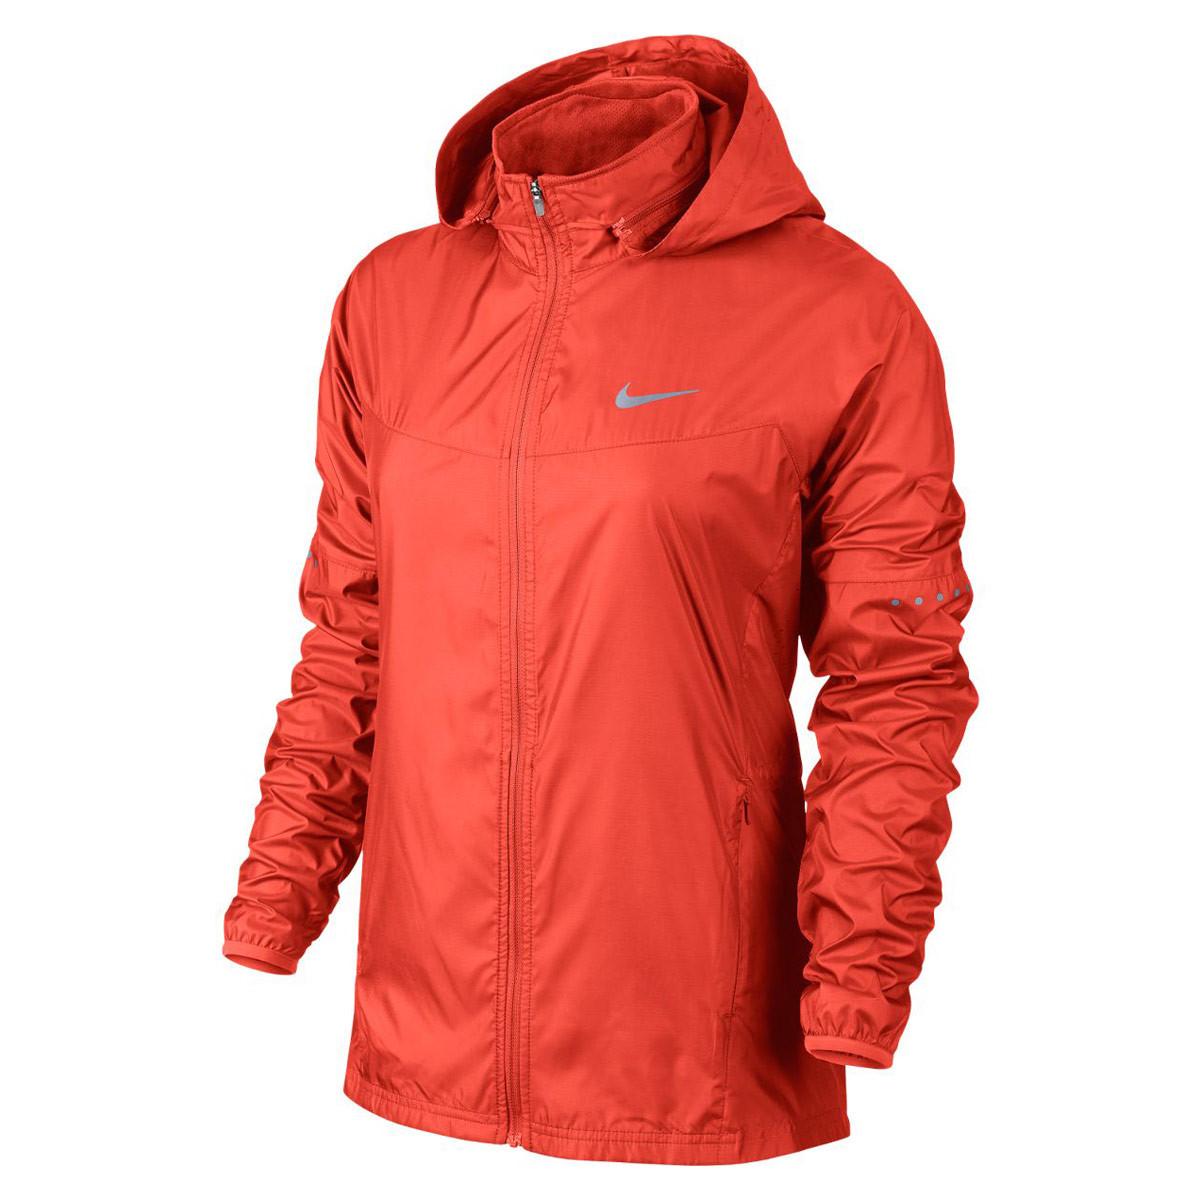 e208f0622fef Vestes Nike Course Pour Rouge Femme Jacket Vapor SZwwqWC14